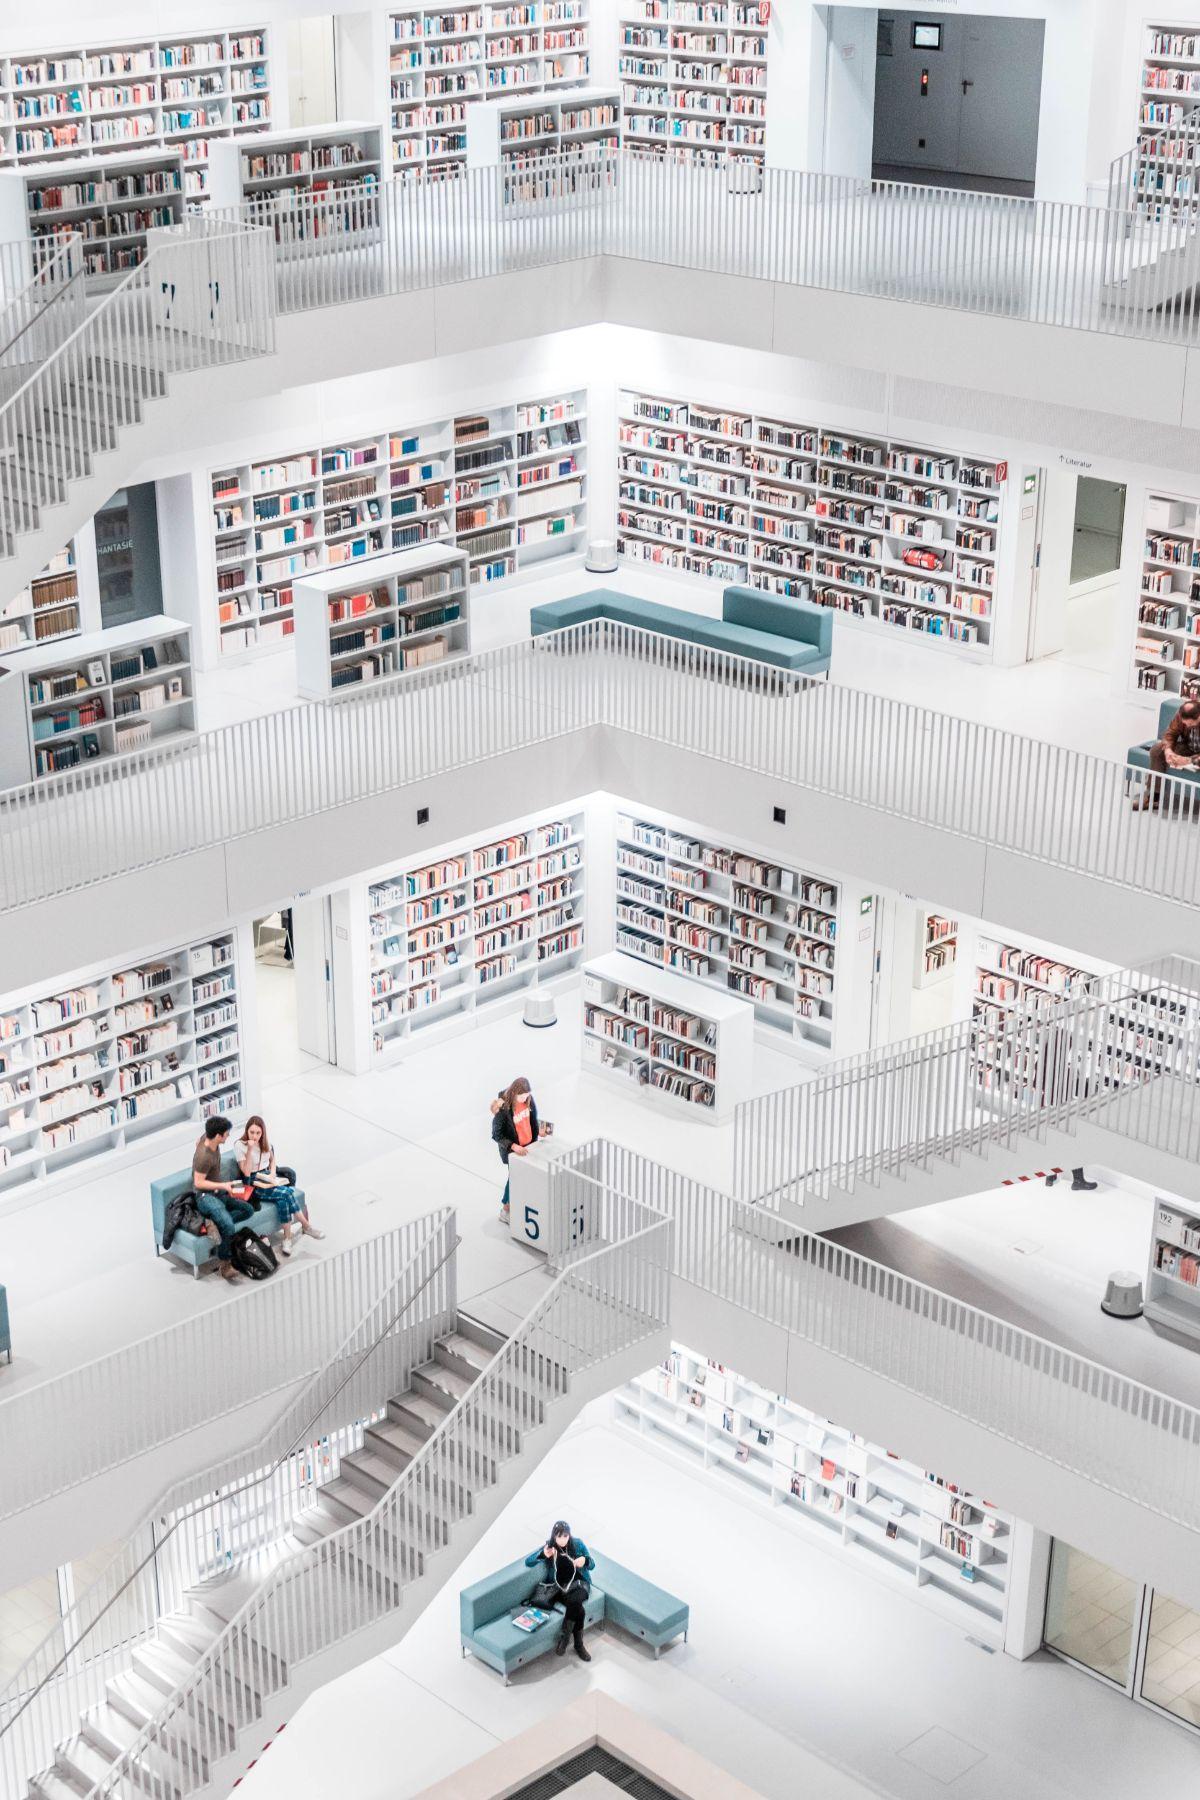 صور سفر، أجمل المكاتب في العالم، مكتبة مدينة شتوتغارت، ألمانيا